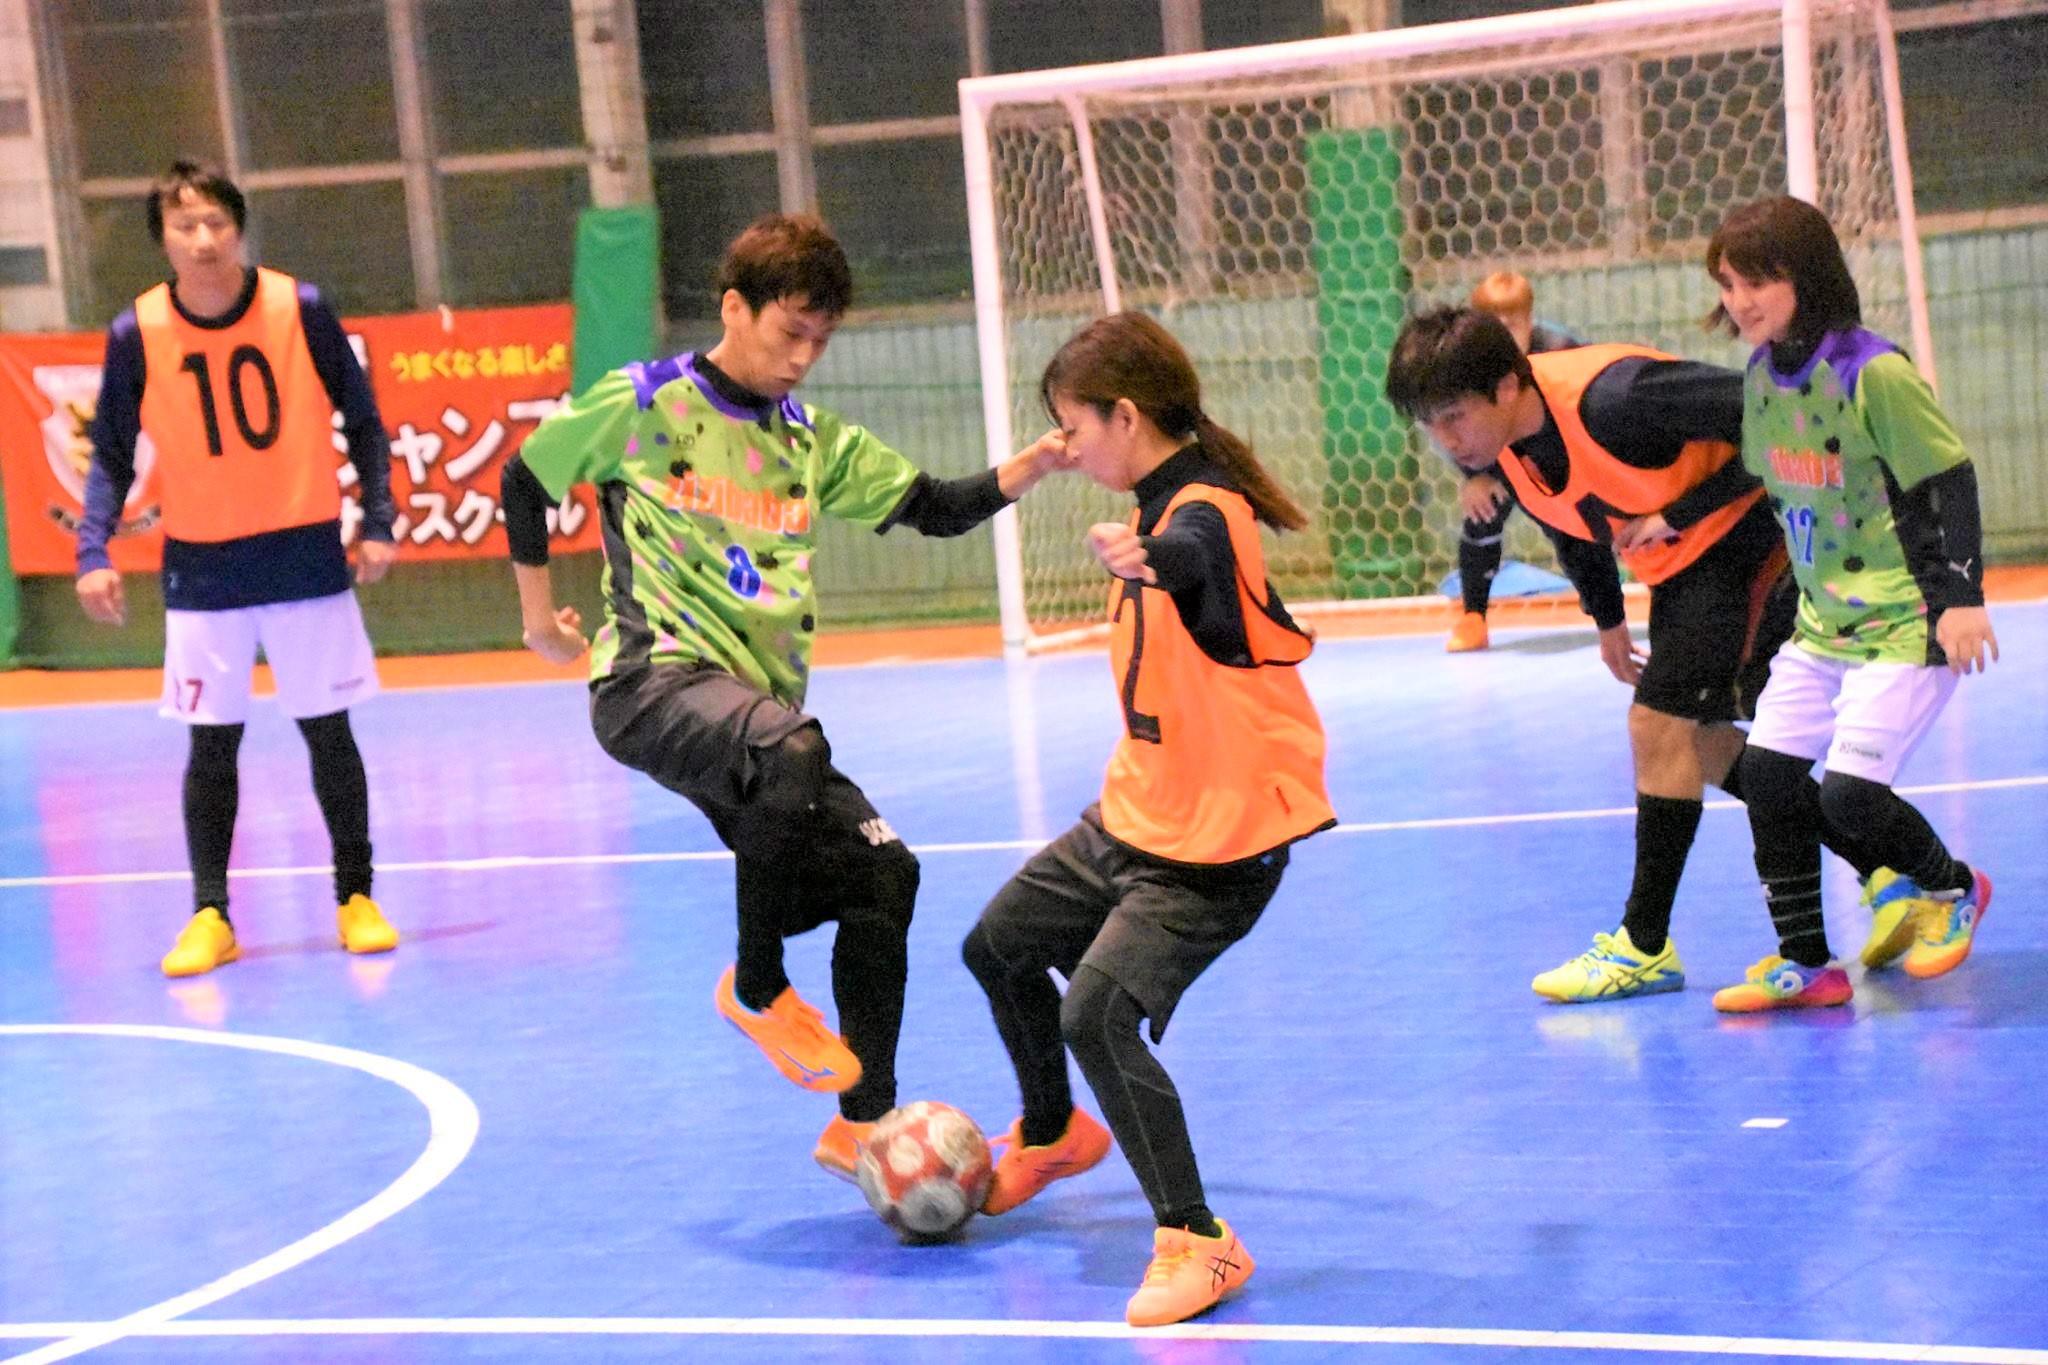 【豊橋ミックスリーグ】第1節予定 4チームによる新シーズンの幕開け!女性ゴールラッシュなるか!?